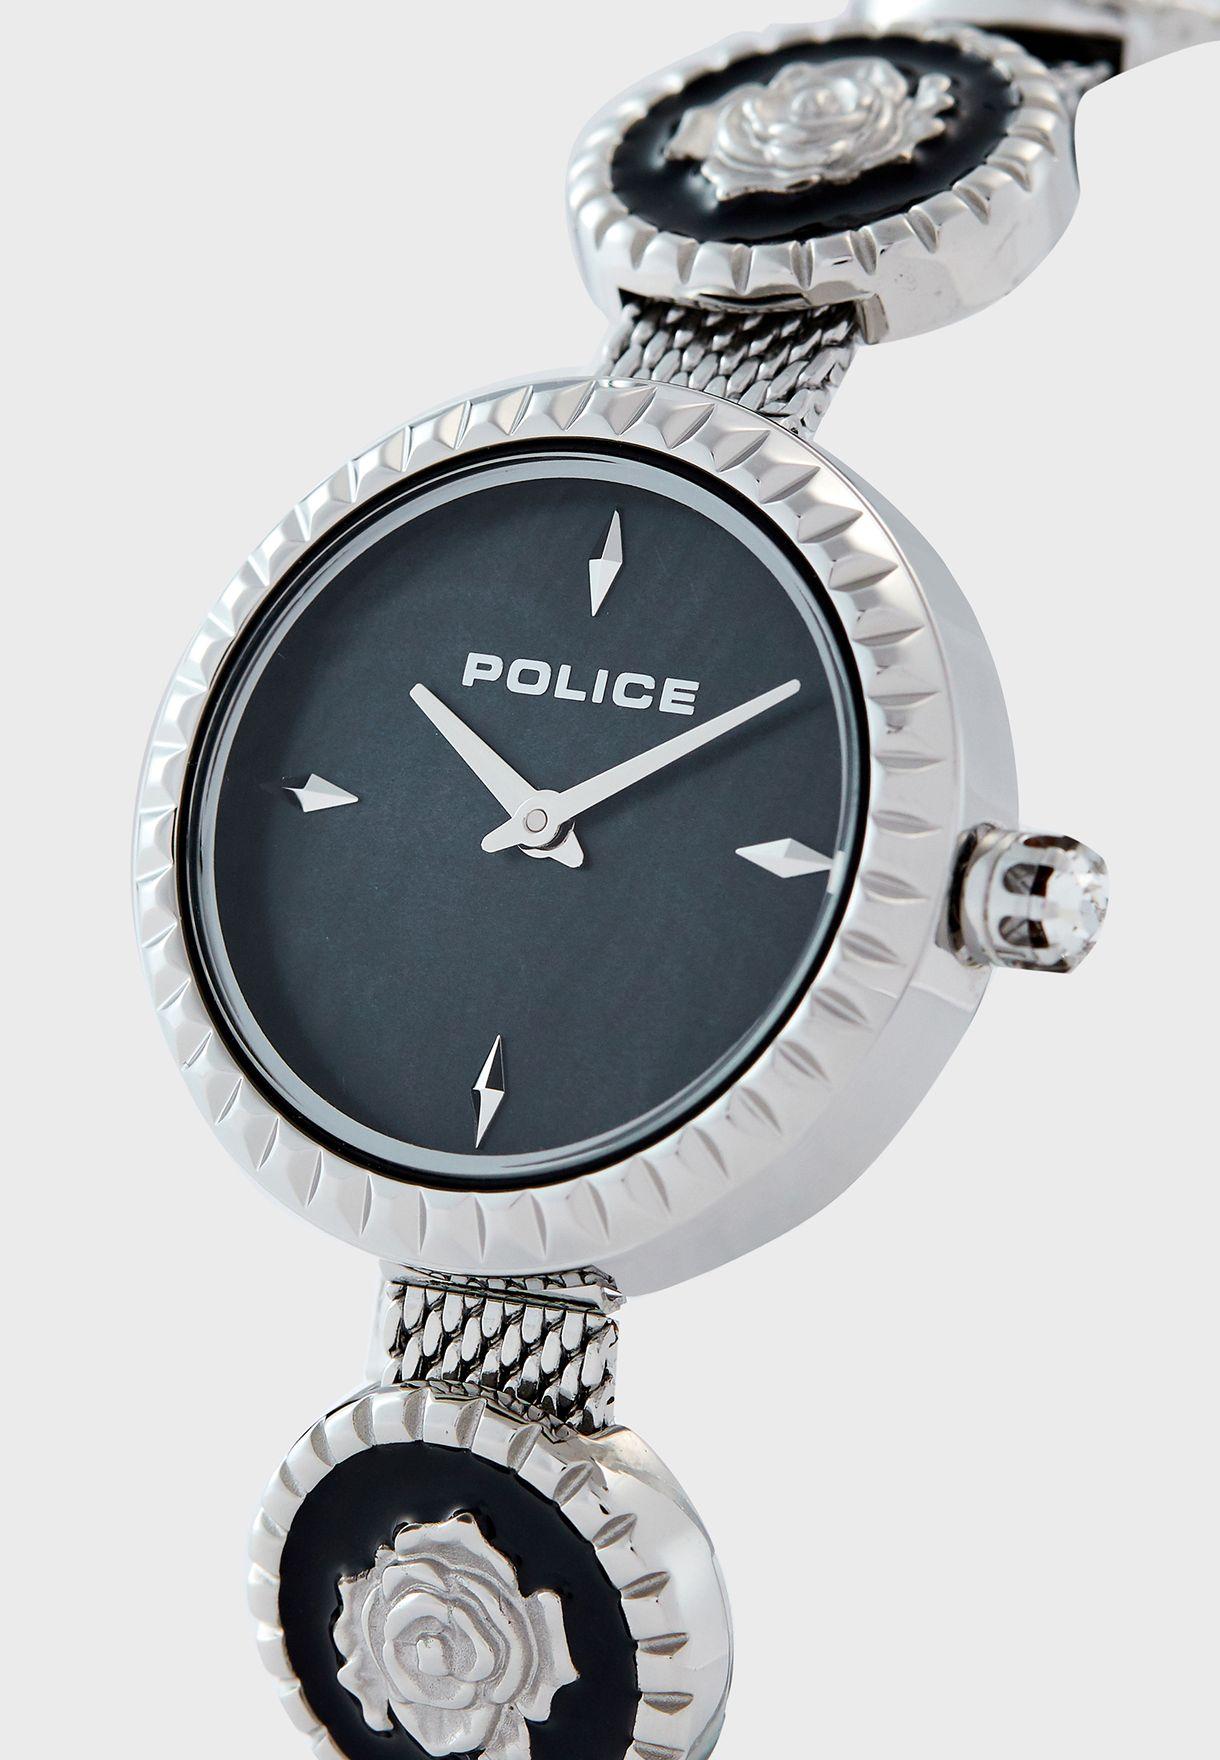 Kapaa Analog Watch